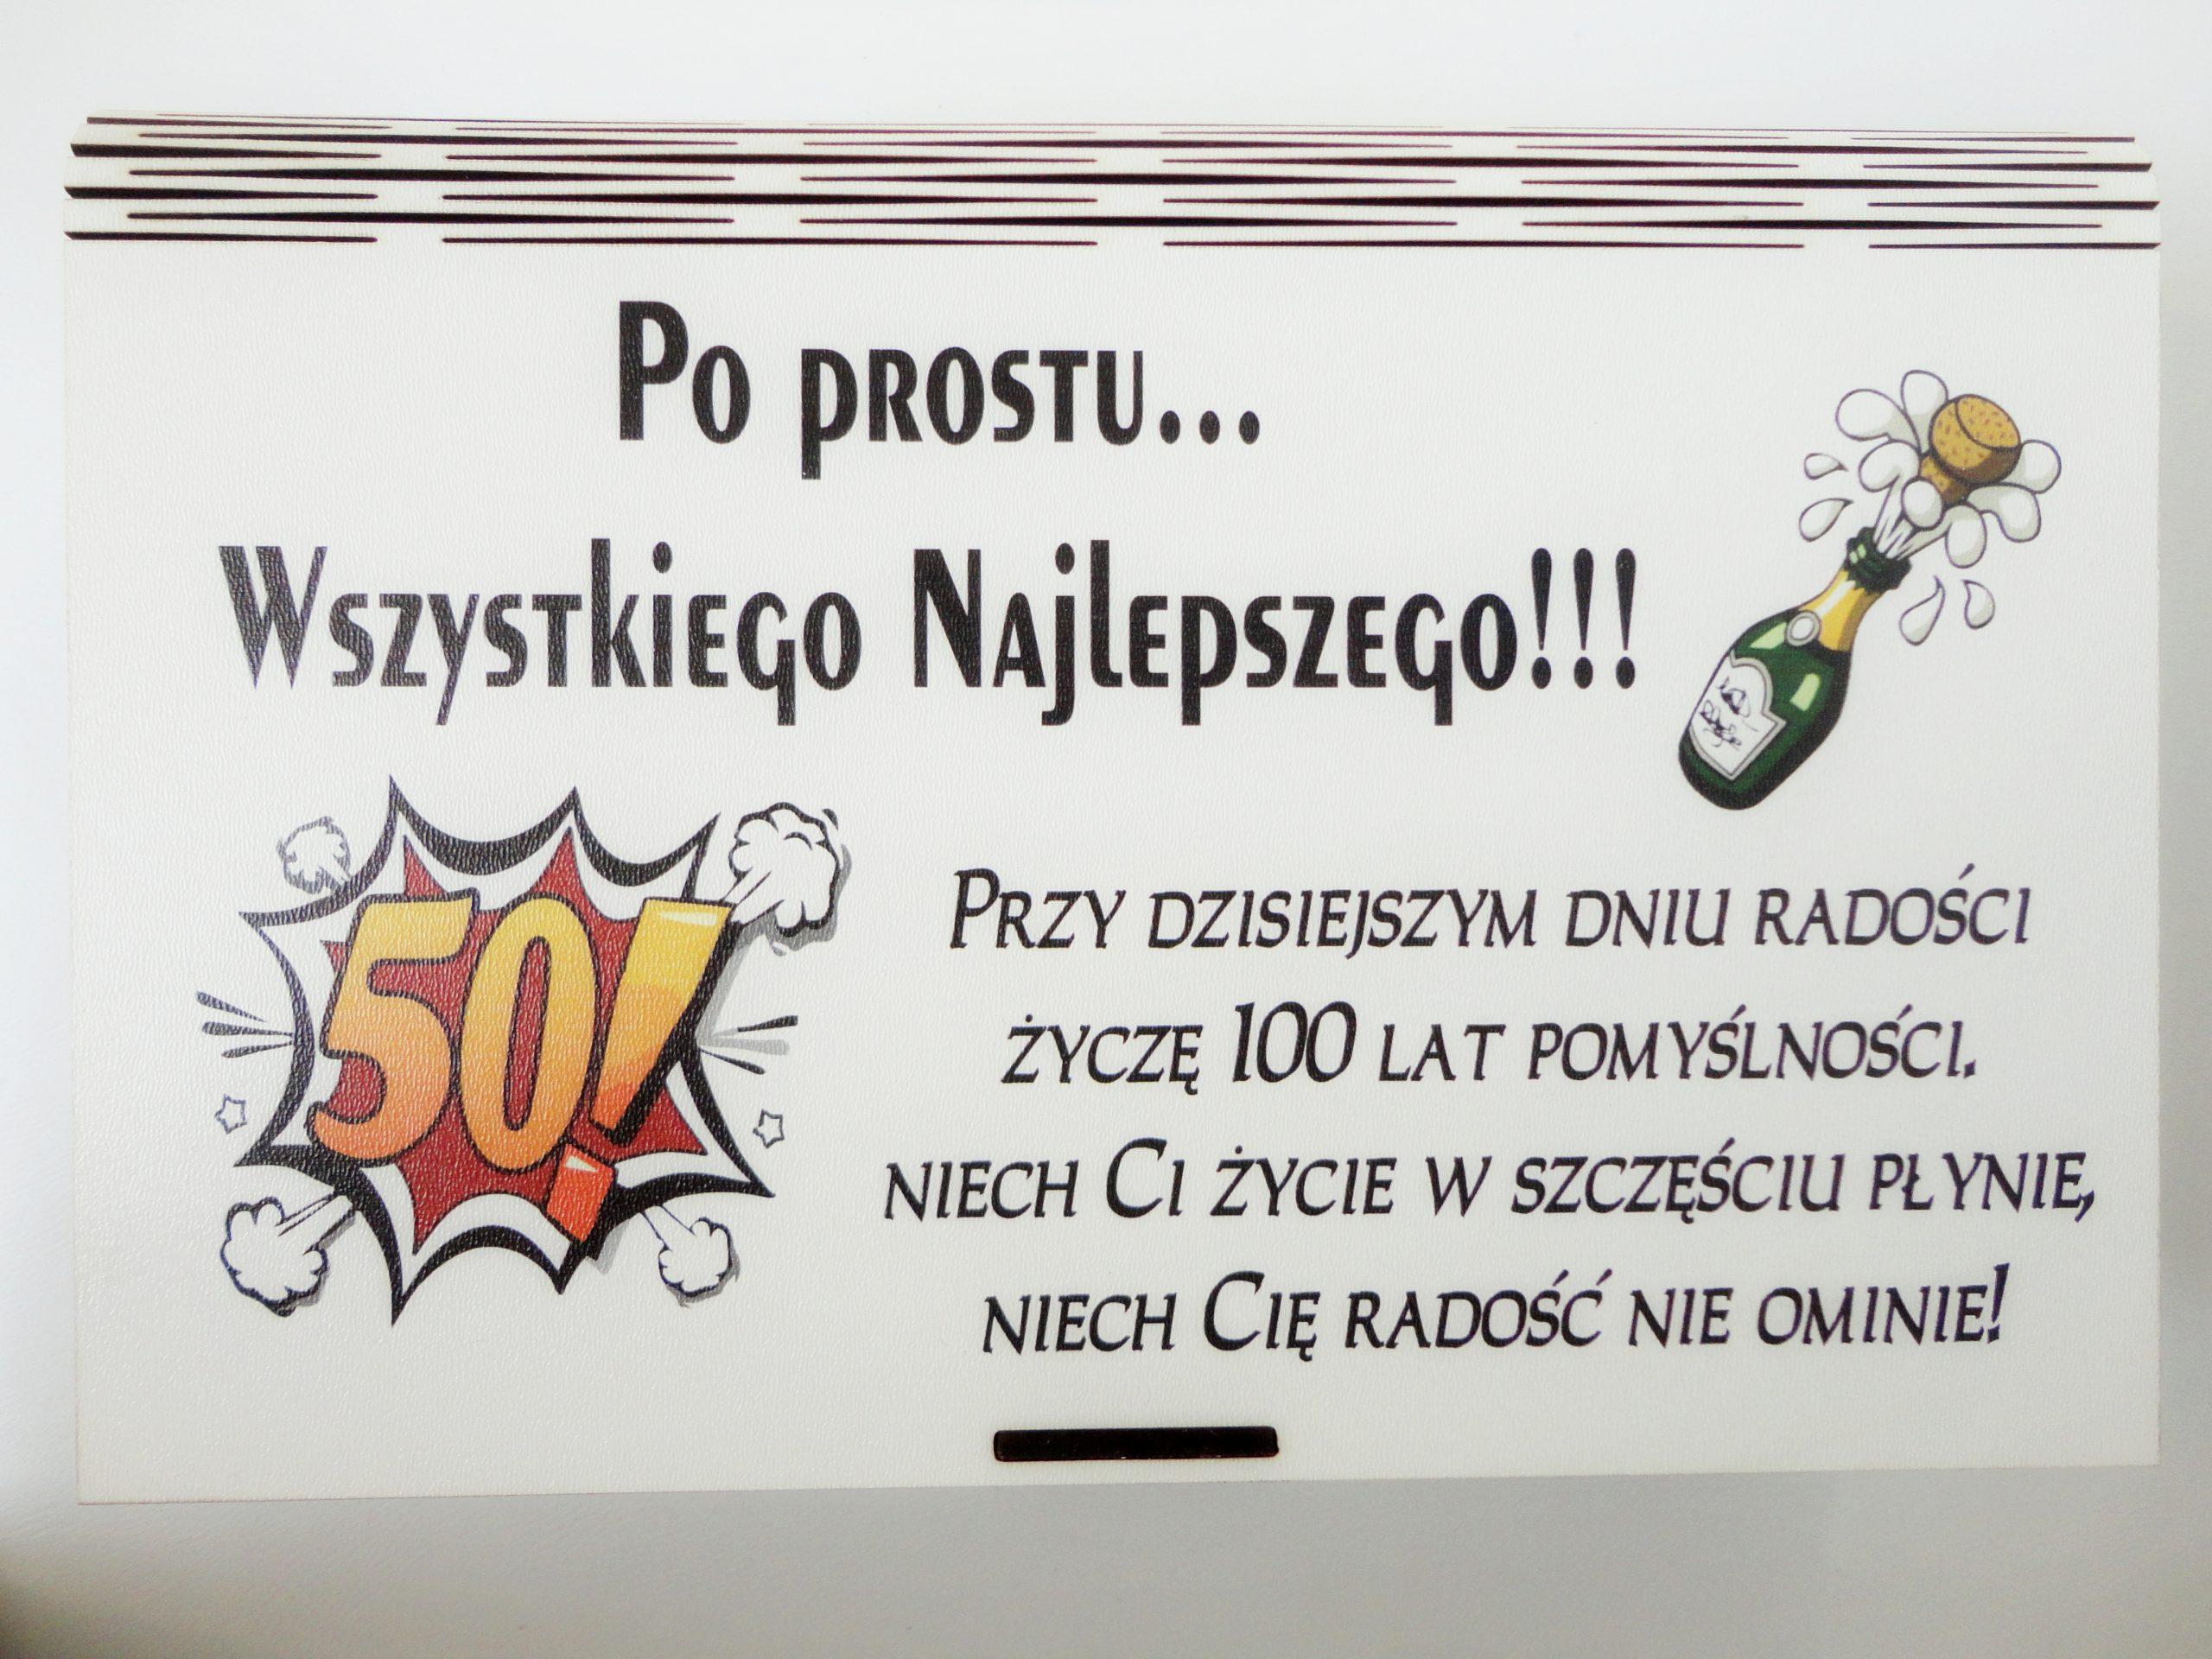 Pudelko Z Przegrodkami Na Upominki Na 50 Urodziny Dla Faceta Kolegi Kolezanki Kobiety Kokardka